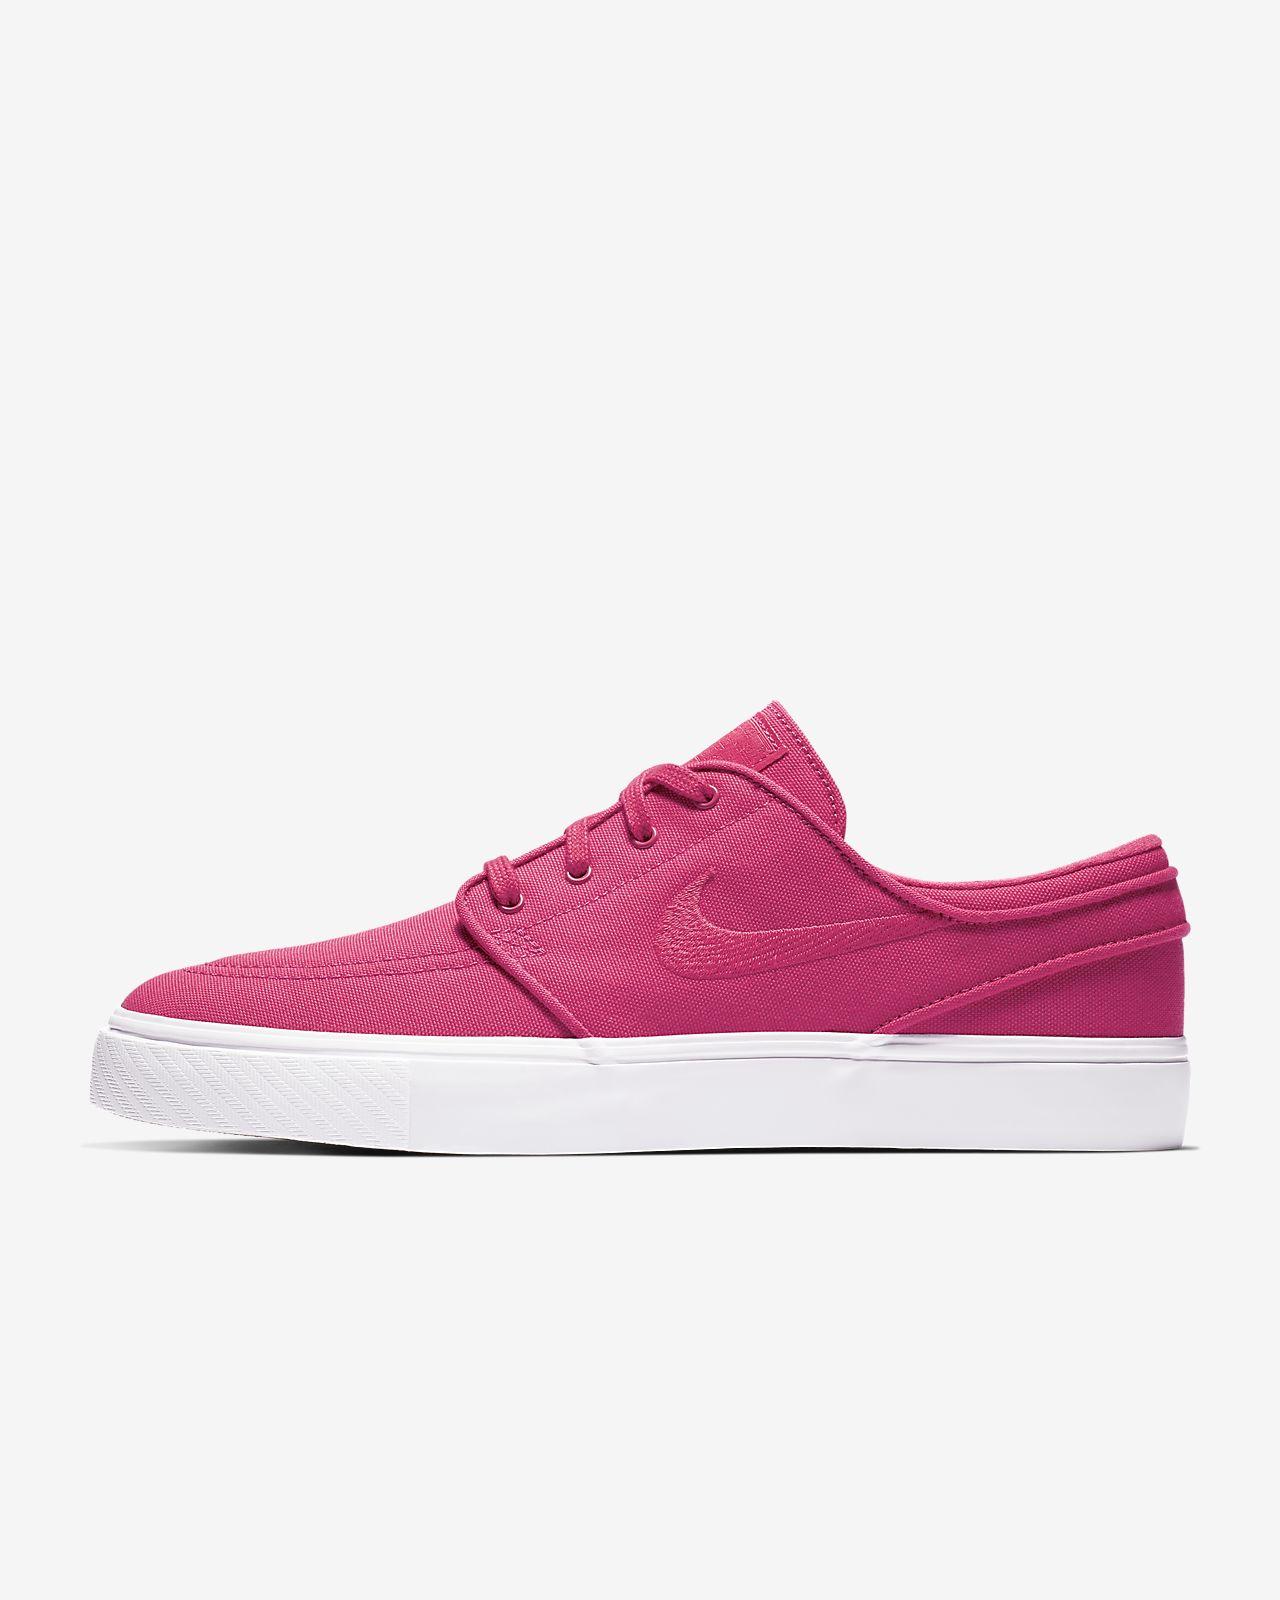 best website 1be72 010ff ... Chaussure de skateboard Nike SB Zoom Stefan Janoski Canvas pour Homme